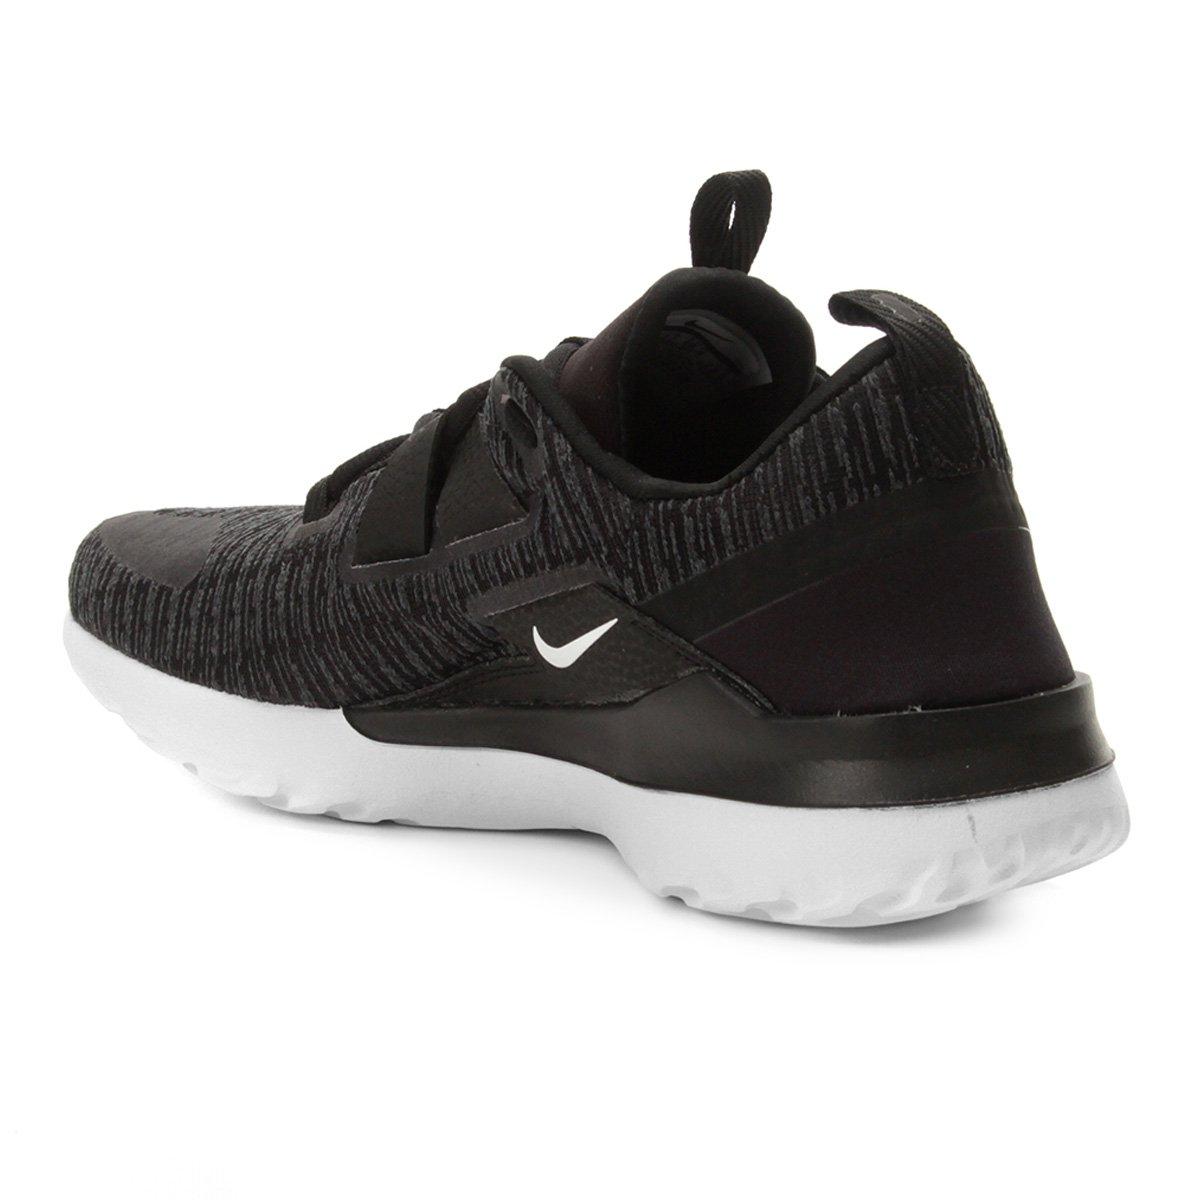 e6700ab8b6 Tênis Nike Renew Arena Masculino - Tam: 43 - Shopping TudoAzul